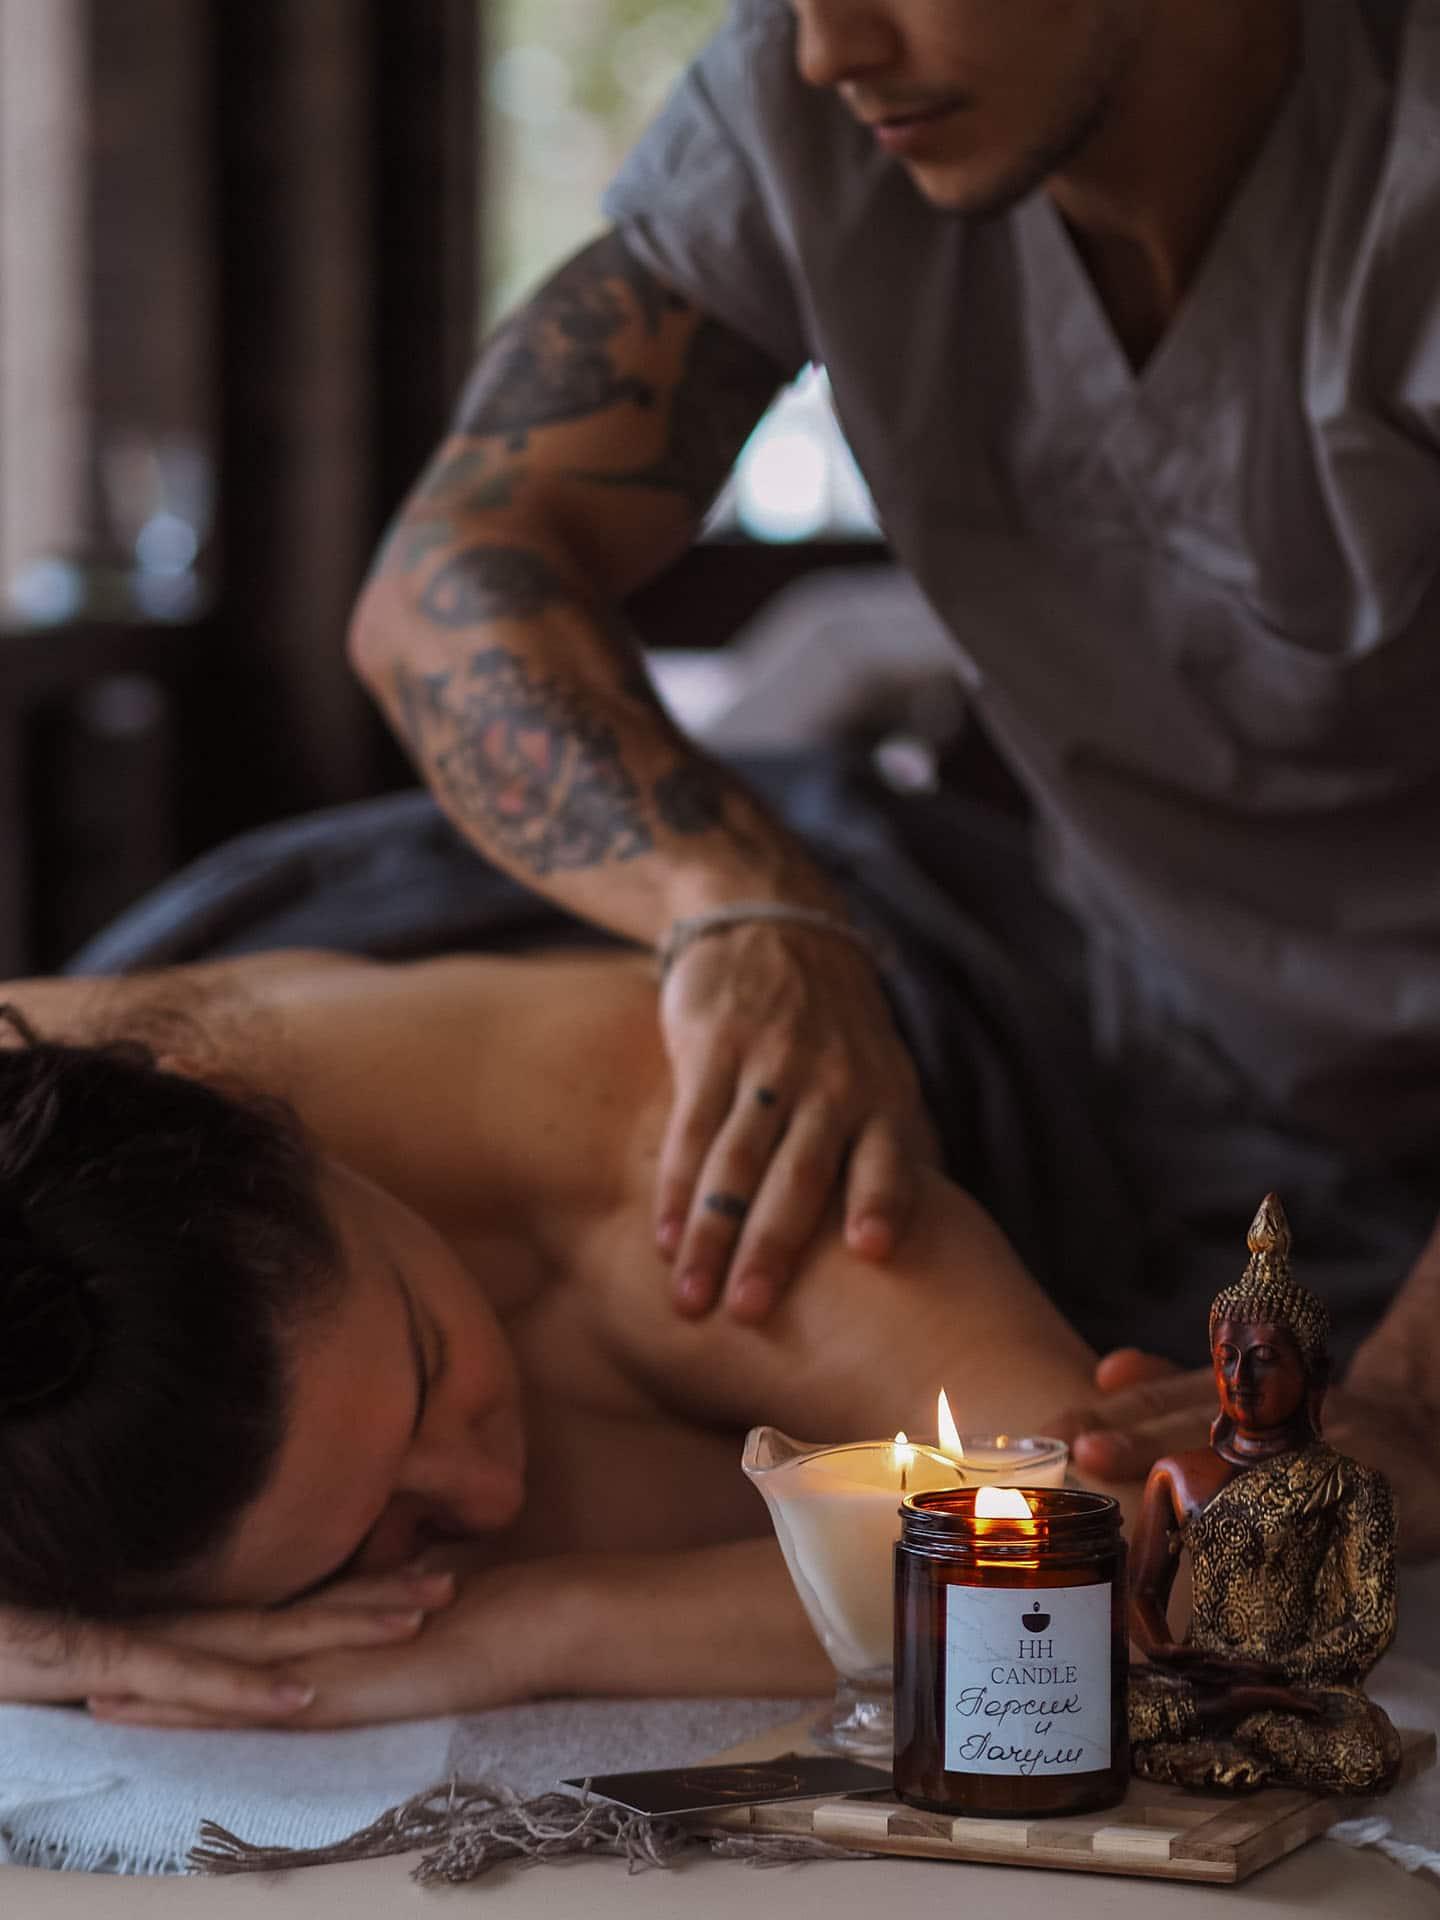 Massage in hotel